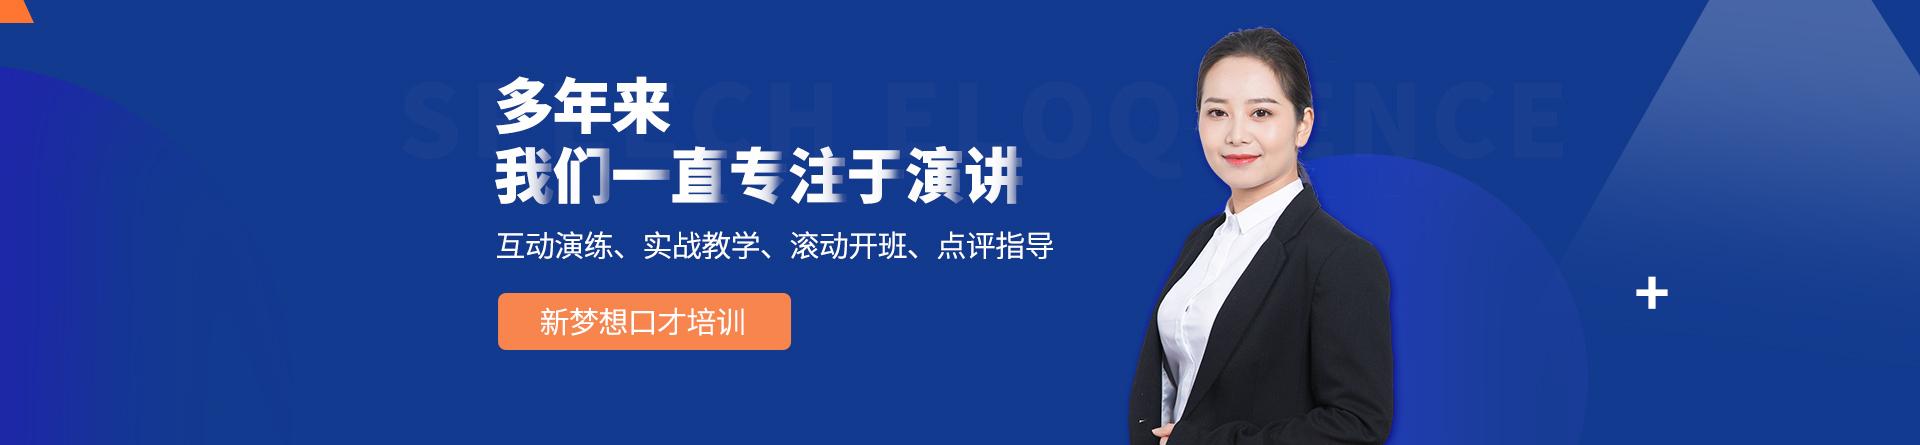 南宁新梦想教育